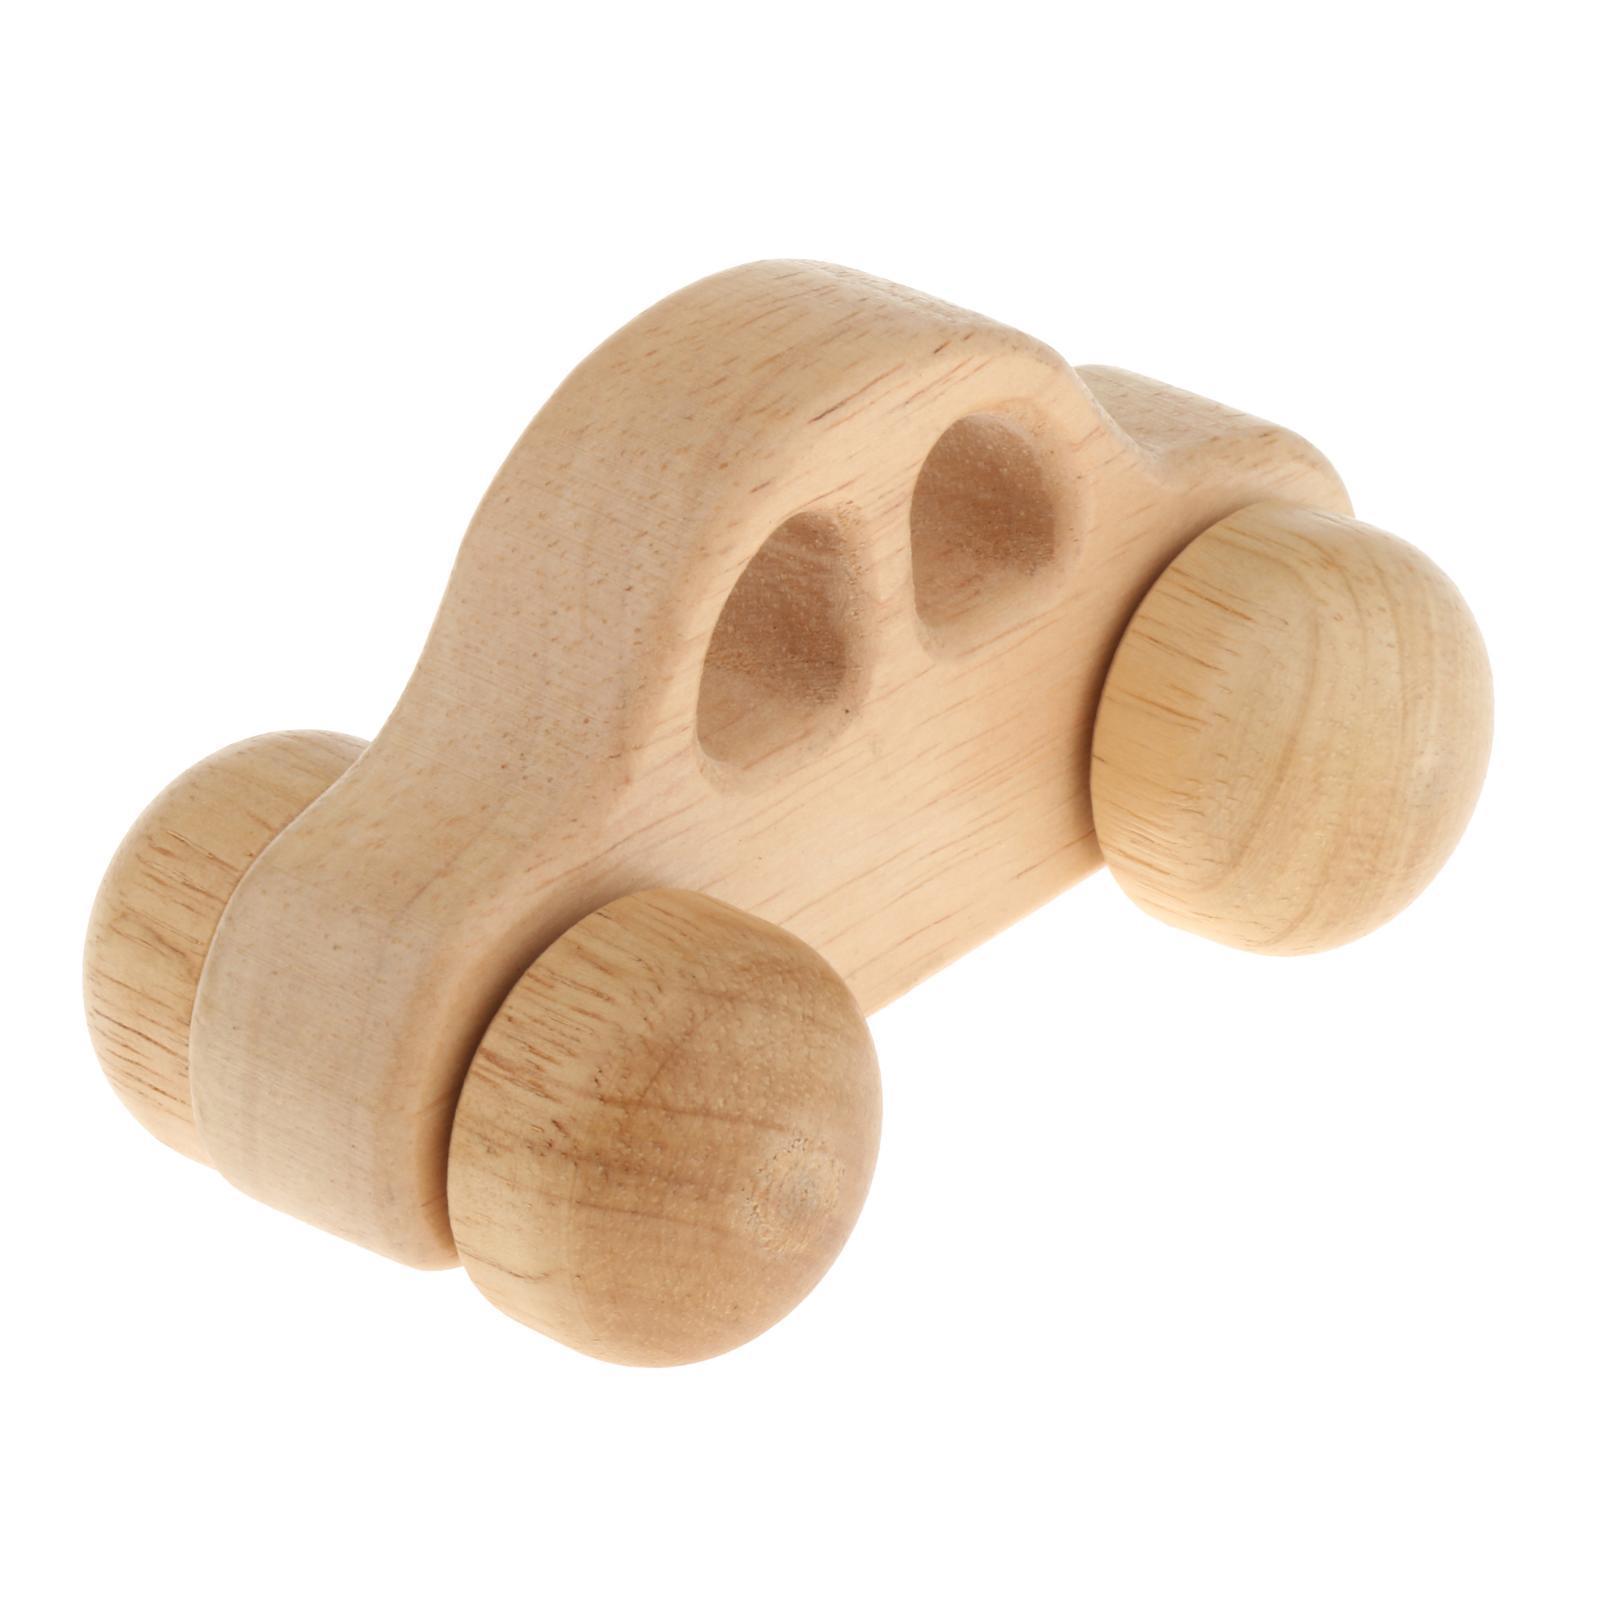 Fatti-a-mano-Giocattoli-di-Legno-Blocchi-di-Auto-Del-Fumetto-di-Attivita miniatura 19